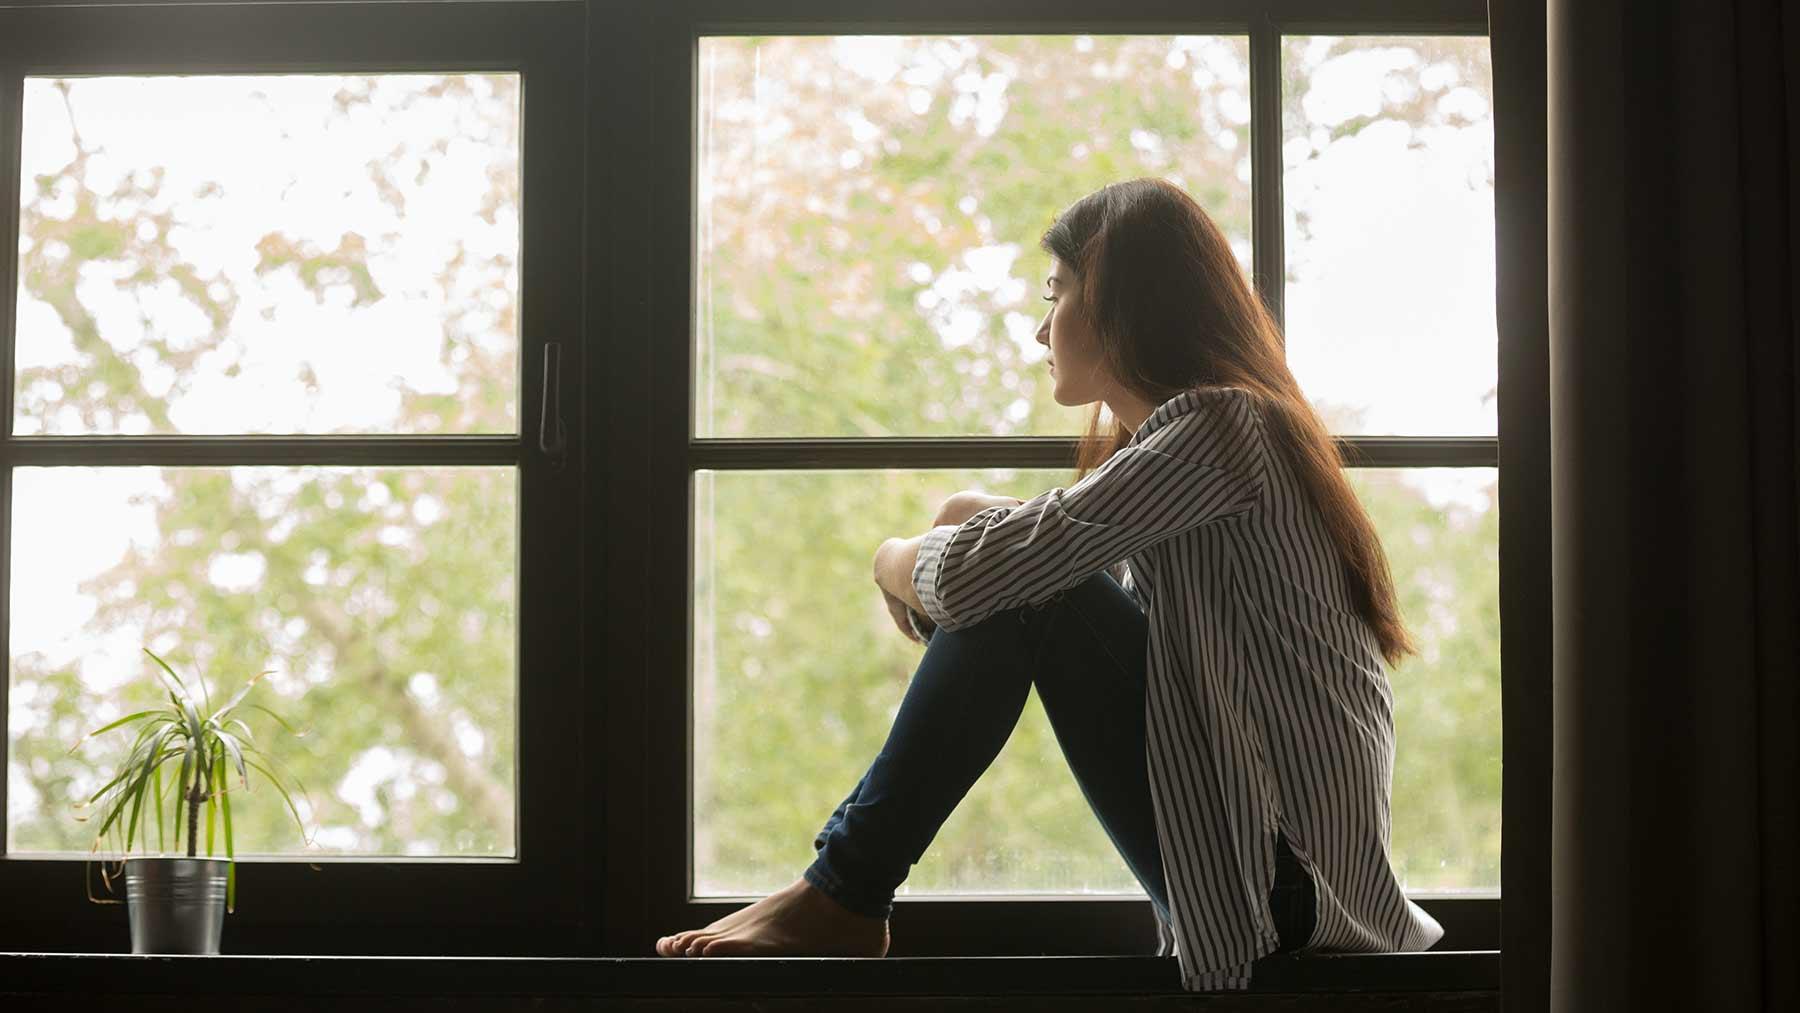 تأثير الحجر على الصحة النفسية